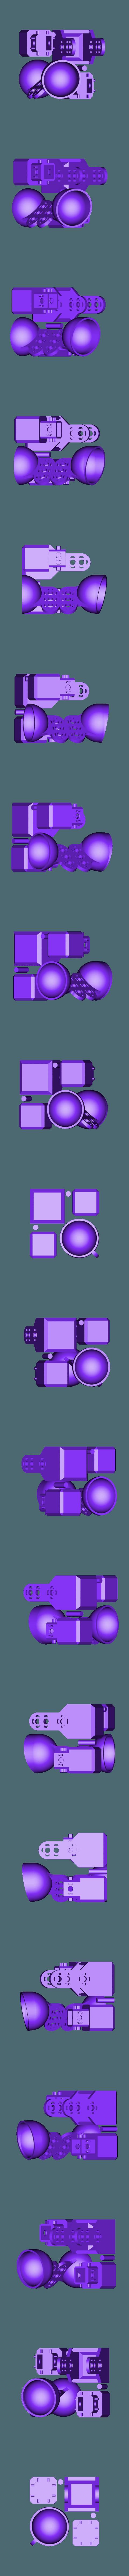 Pieces_All.STL Télécharger fichier STL gratuit MACHINES MÉDIÉVALES - Pack d'extension • Plan pour imprimante 3D, Pwentey